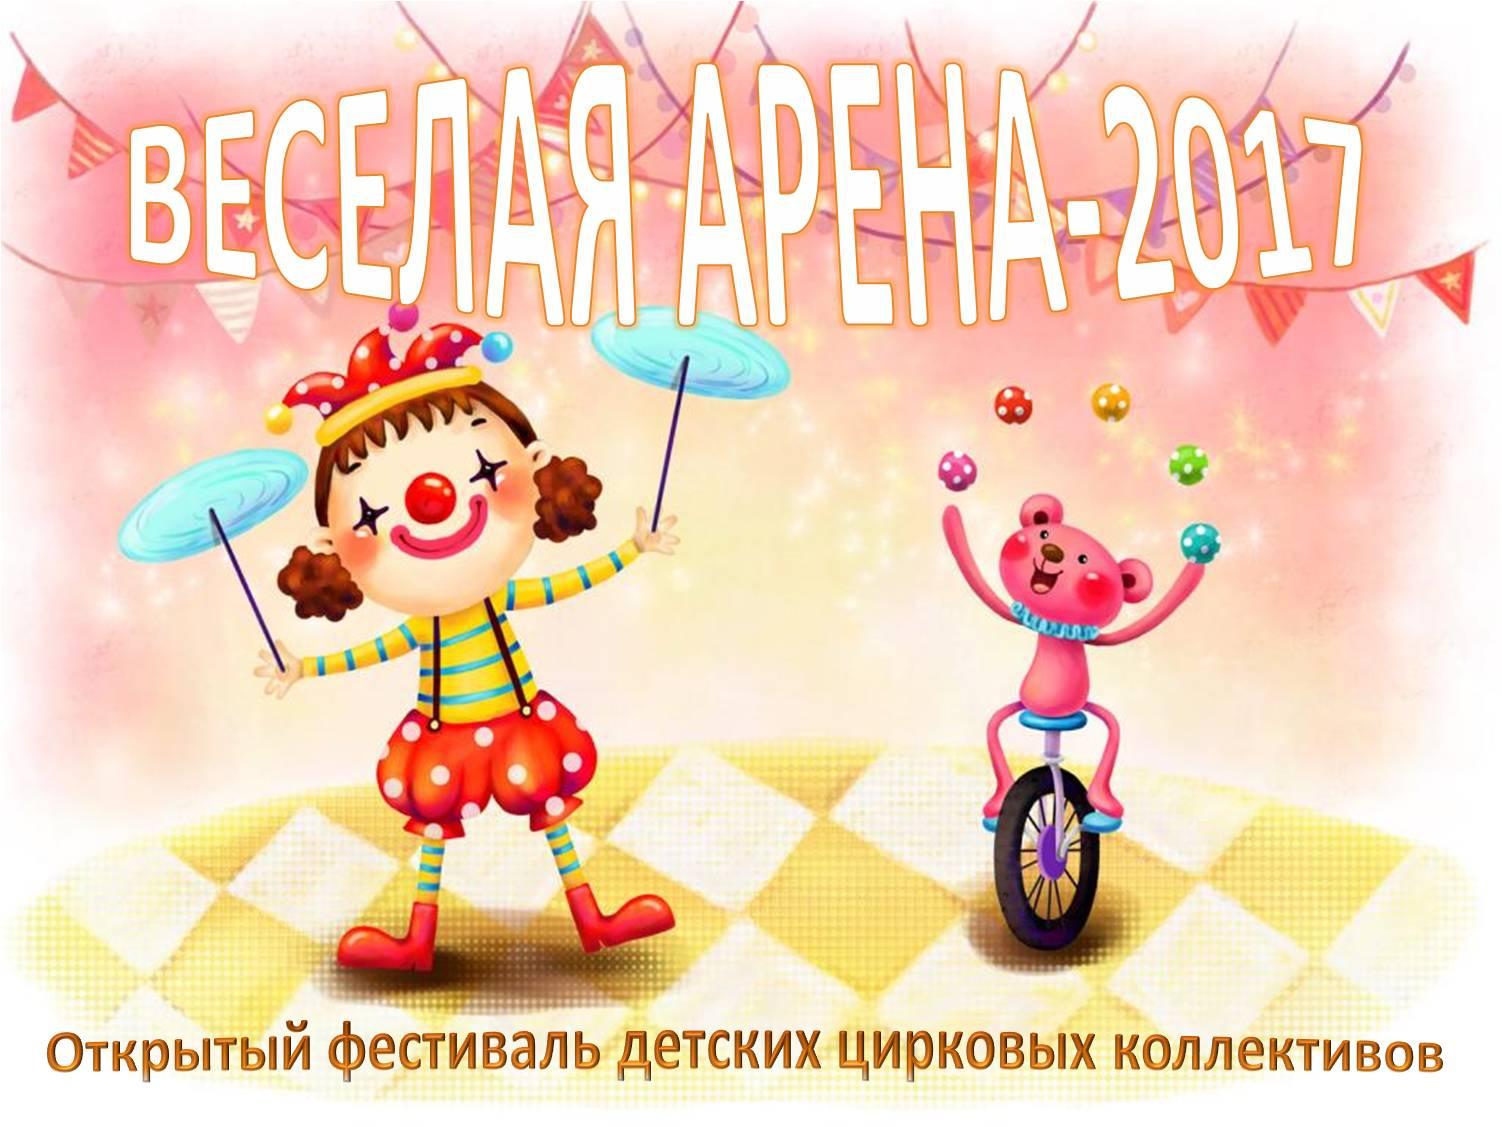 Итоги открытого фестиваля детских цирковых коллективов «Веселая арена-2017»